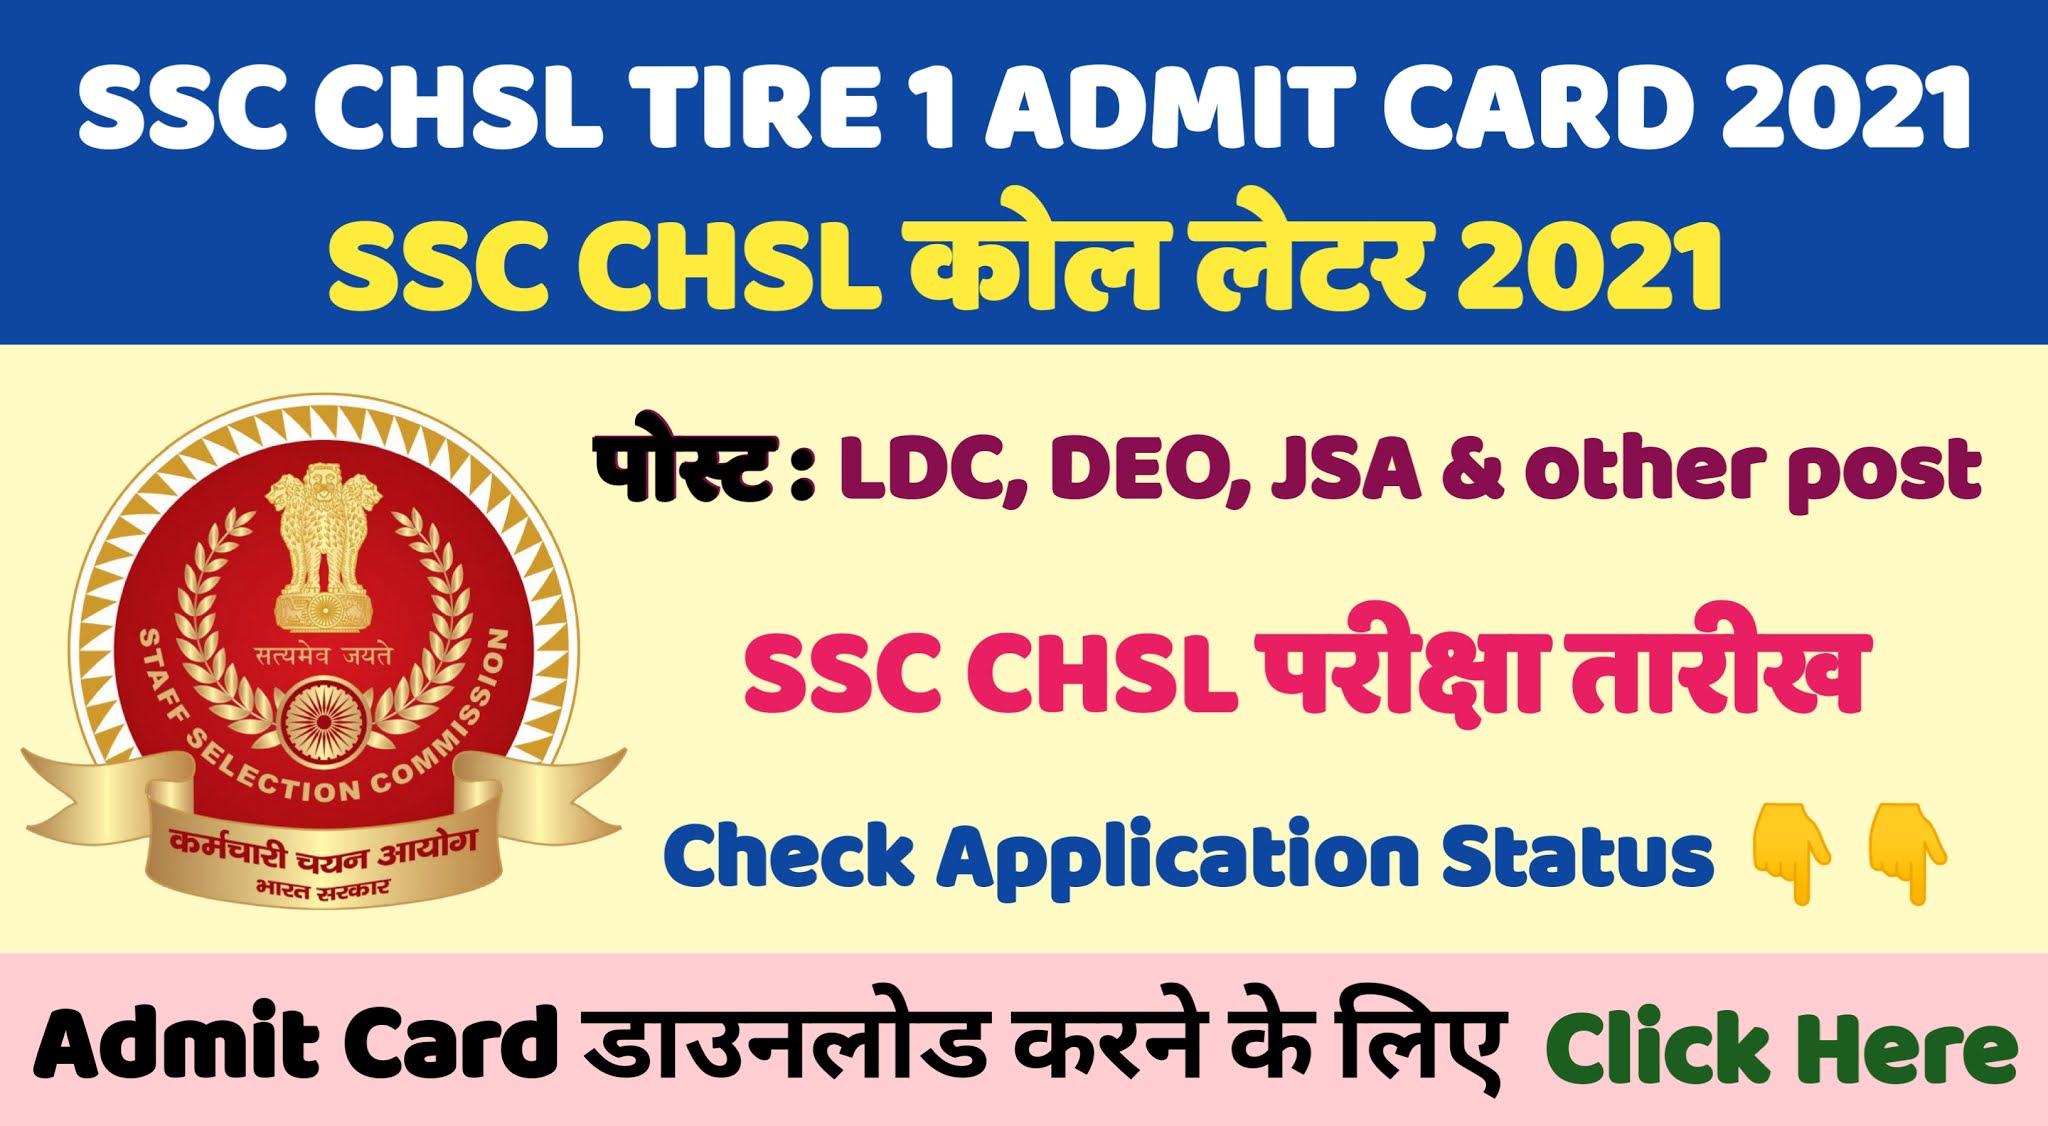 SSC CHSL ADMIT CARD 2021, Check SSC CHSL Application Status, SSC CHSL Tier 1 Admit Card 2021, SSC CHSL Answer Key 2021, SSC CHSL 2021 Syllabus,SSC CHSL Exam Pattern 2021